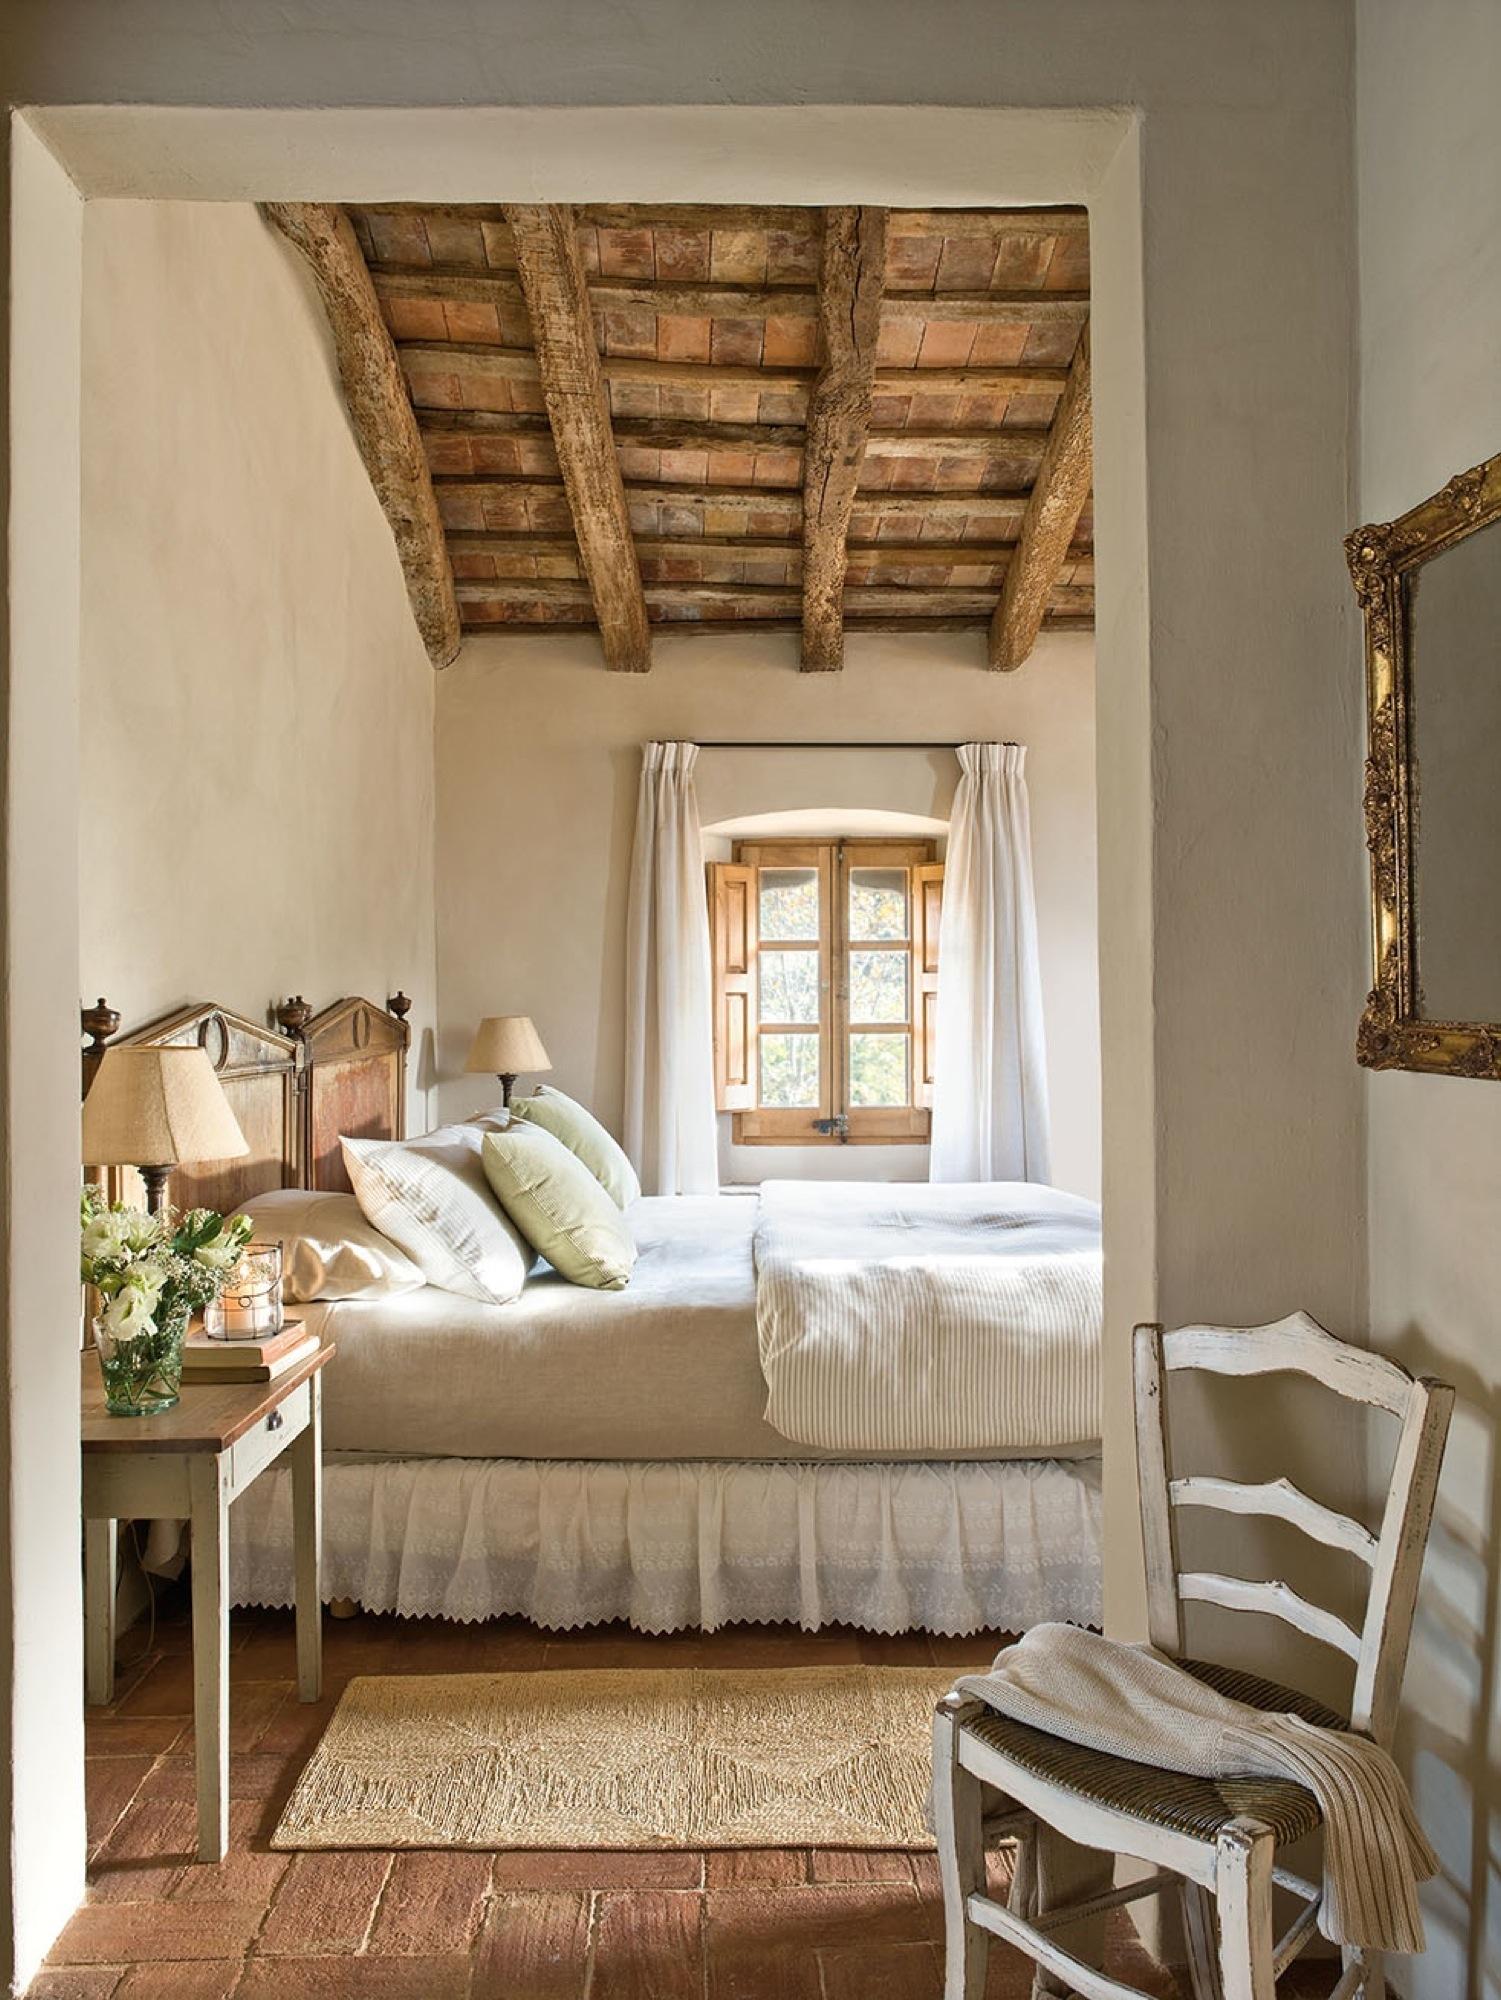 Dormitorios r sticos con mucho encanto - Decoracion rustica barata ...